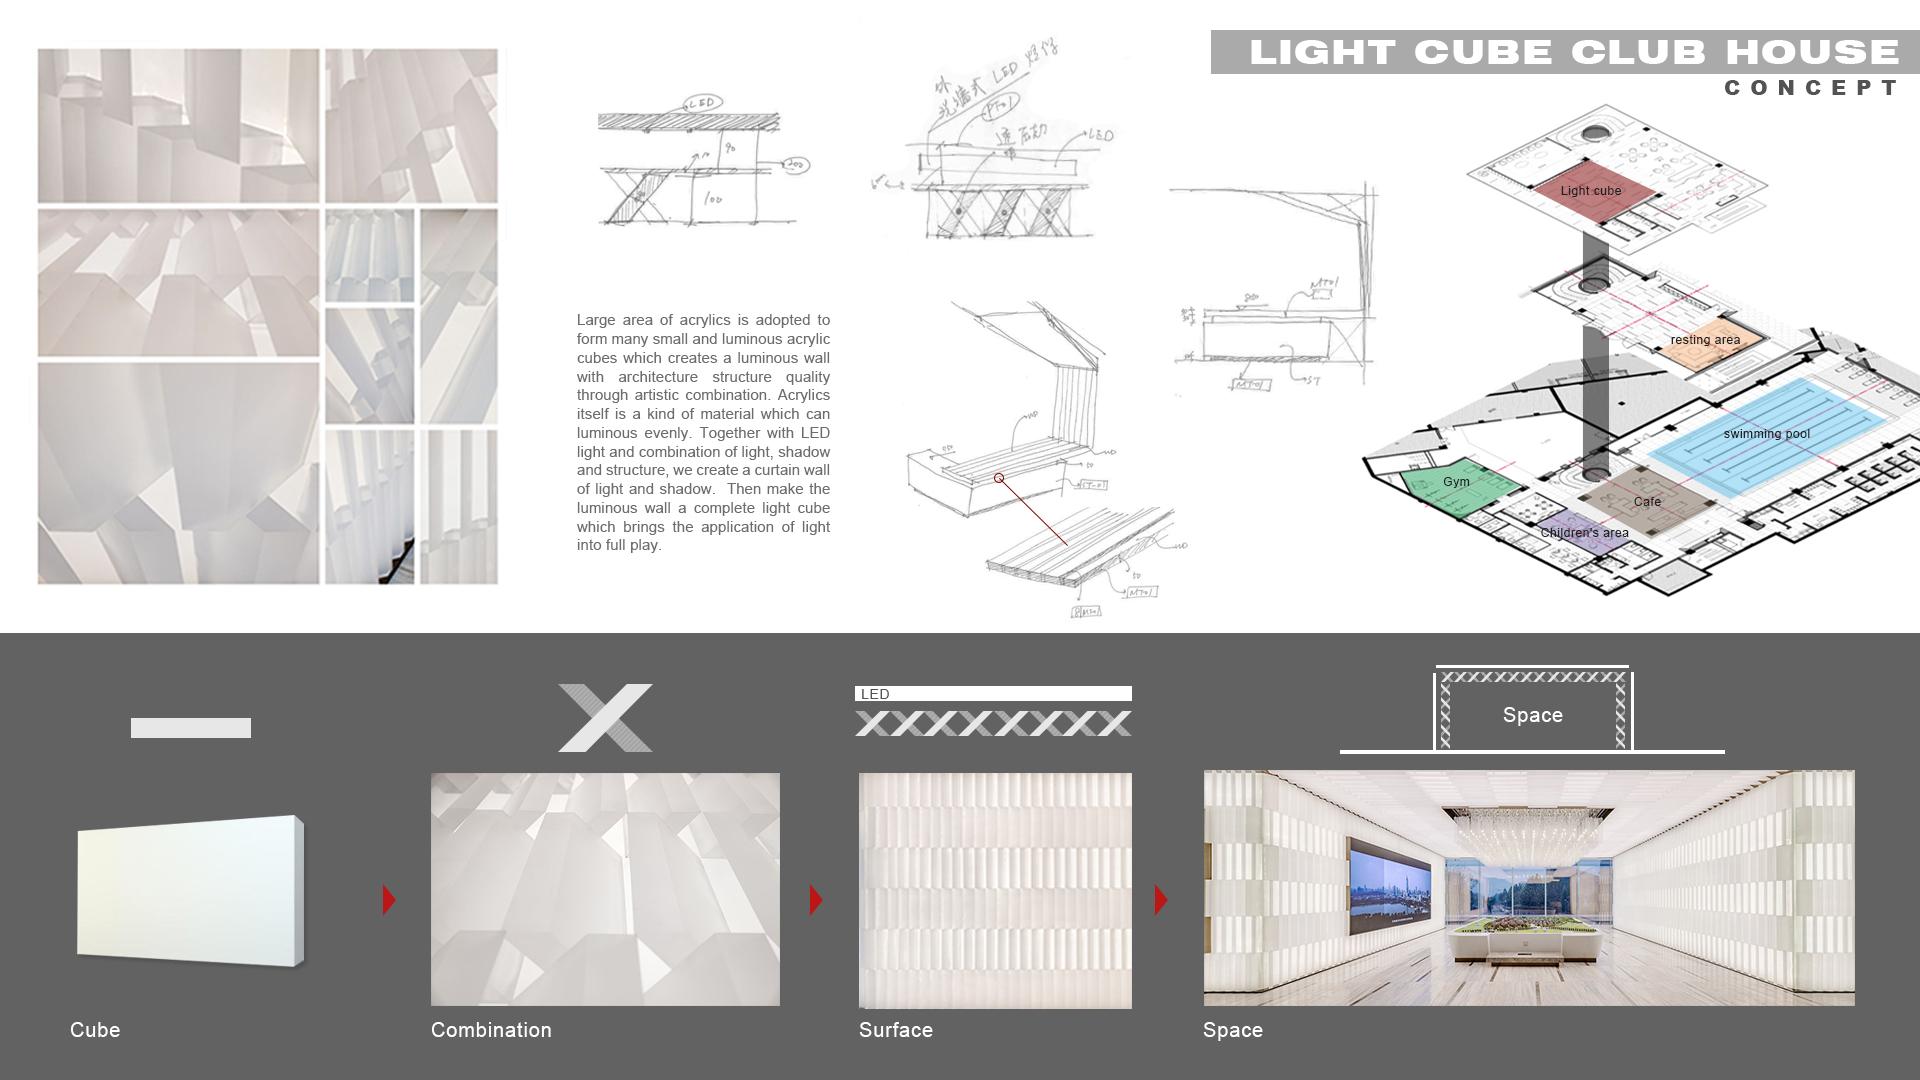 Light Cube Club House